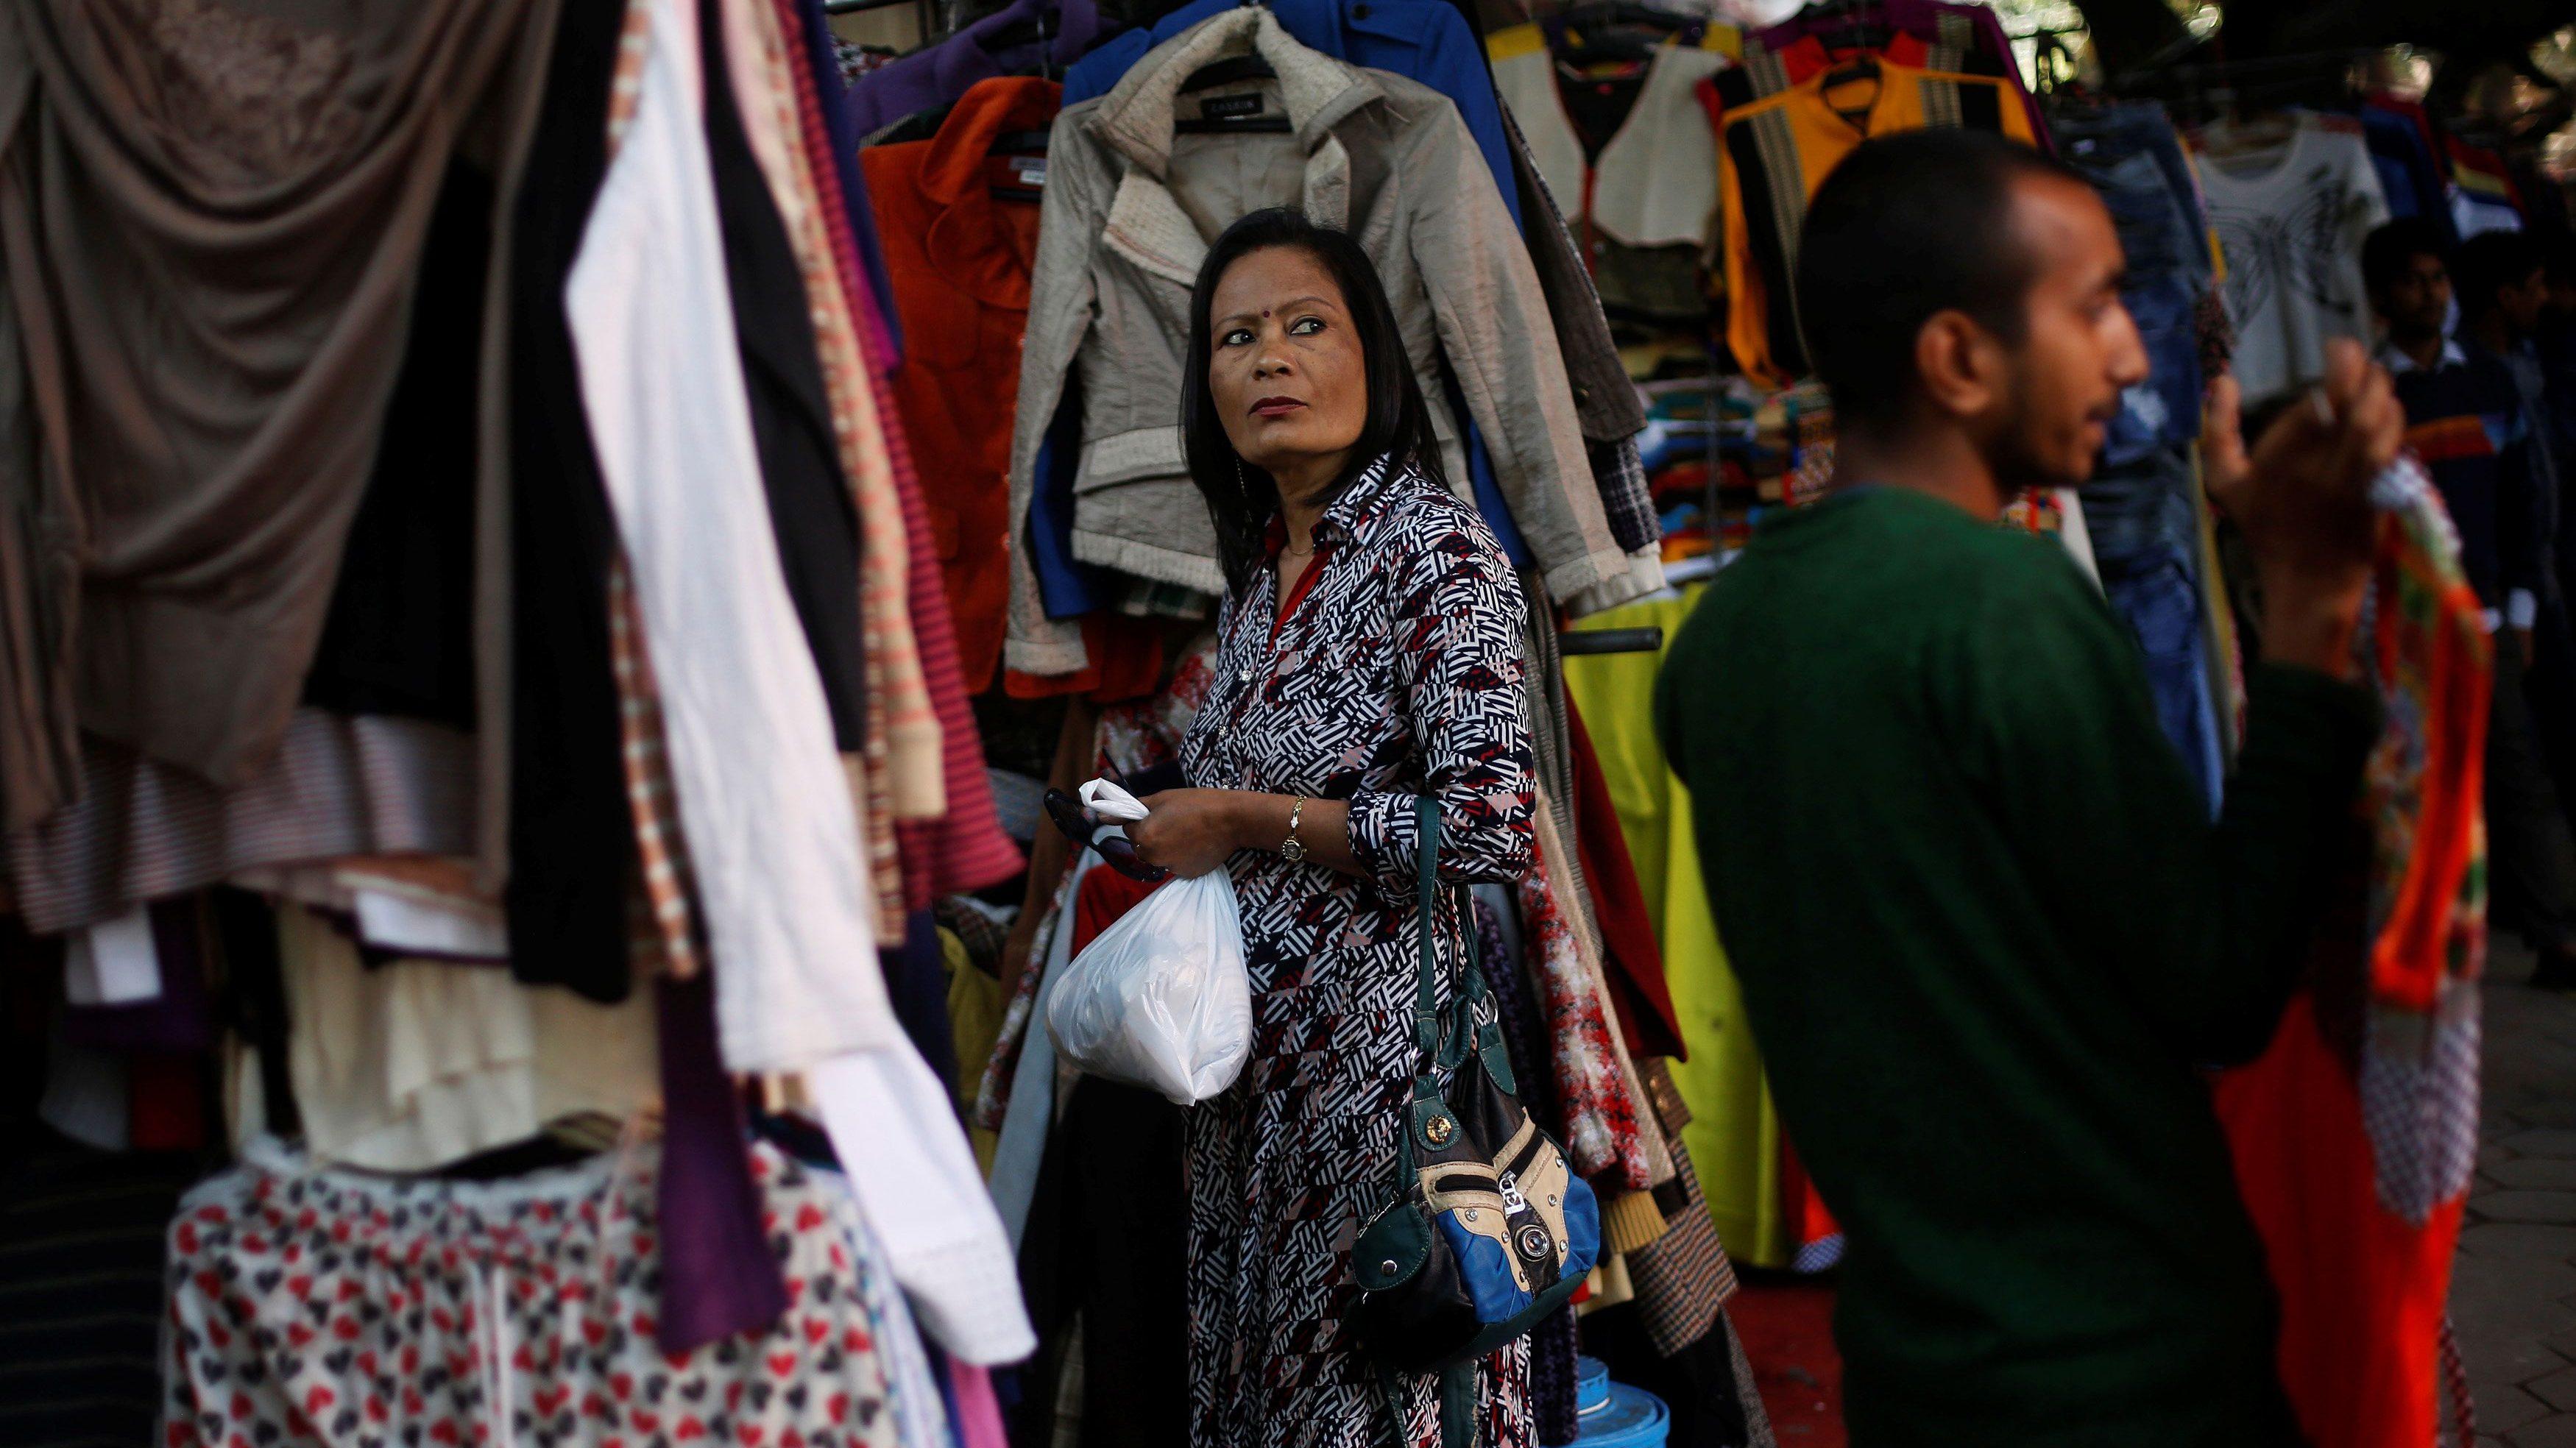 A woman buys clothes in a shop at a market in New Delhi, India, February 1, 2017. REUTERS/Adnan Abidi - RC1B62B9CA00